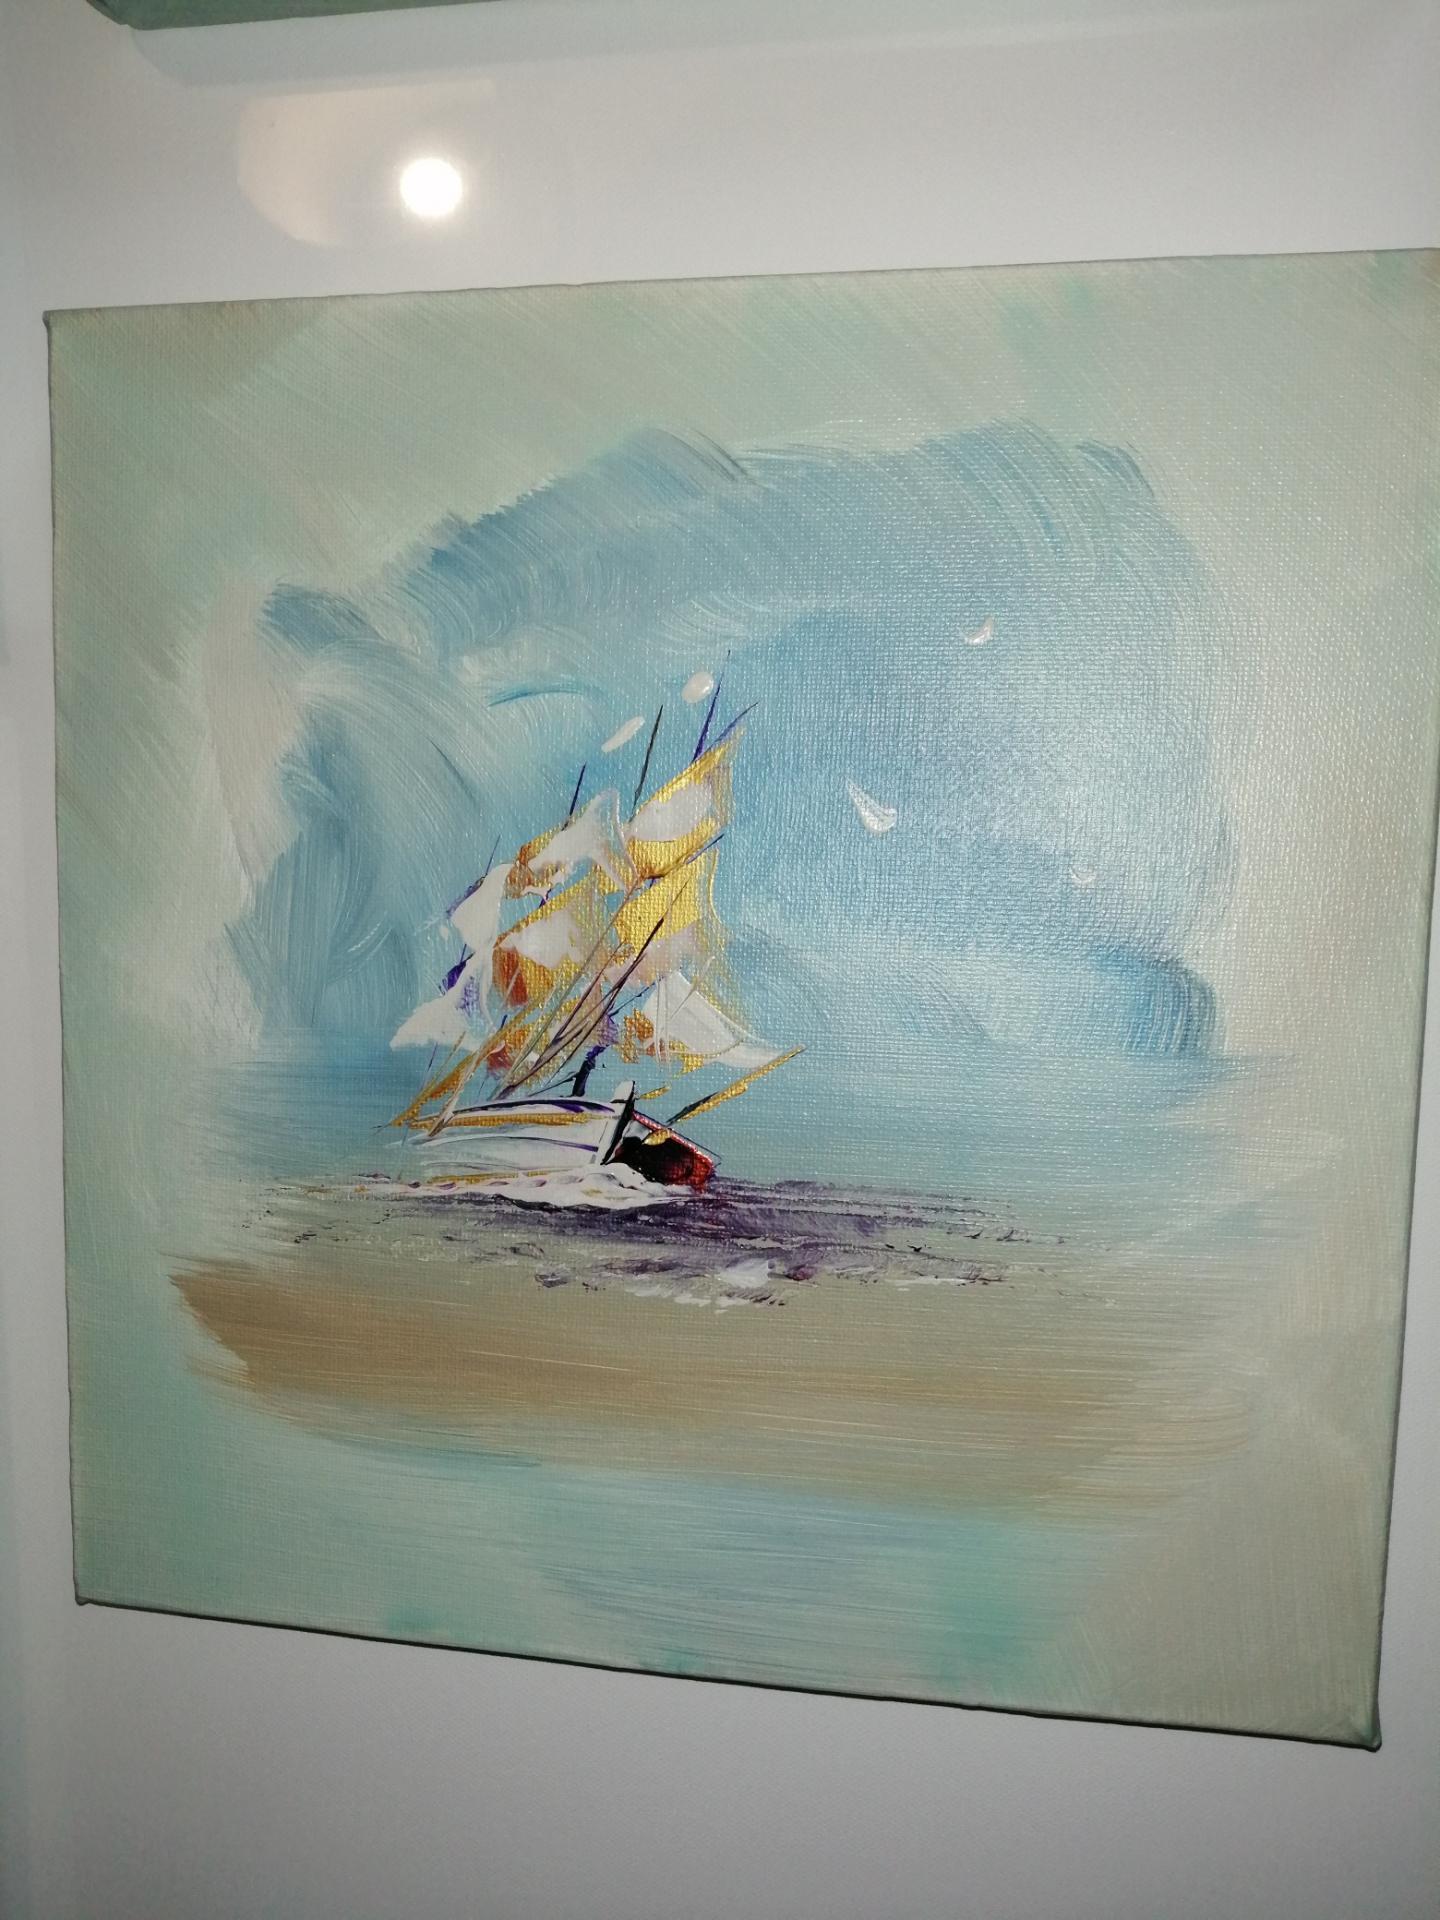 le voilier 3 mats en pleine mer